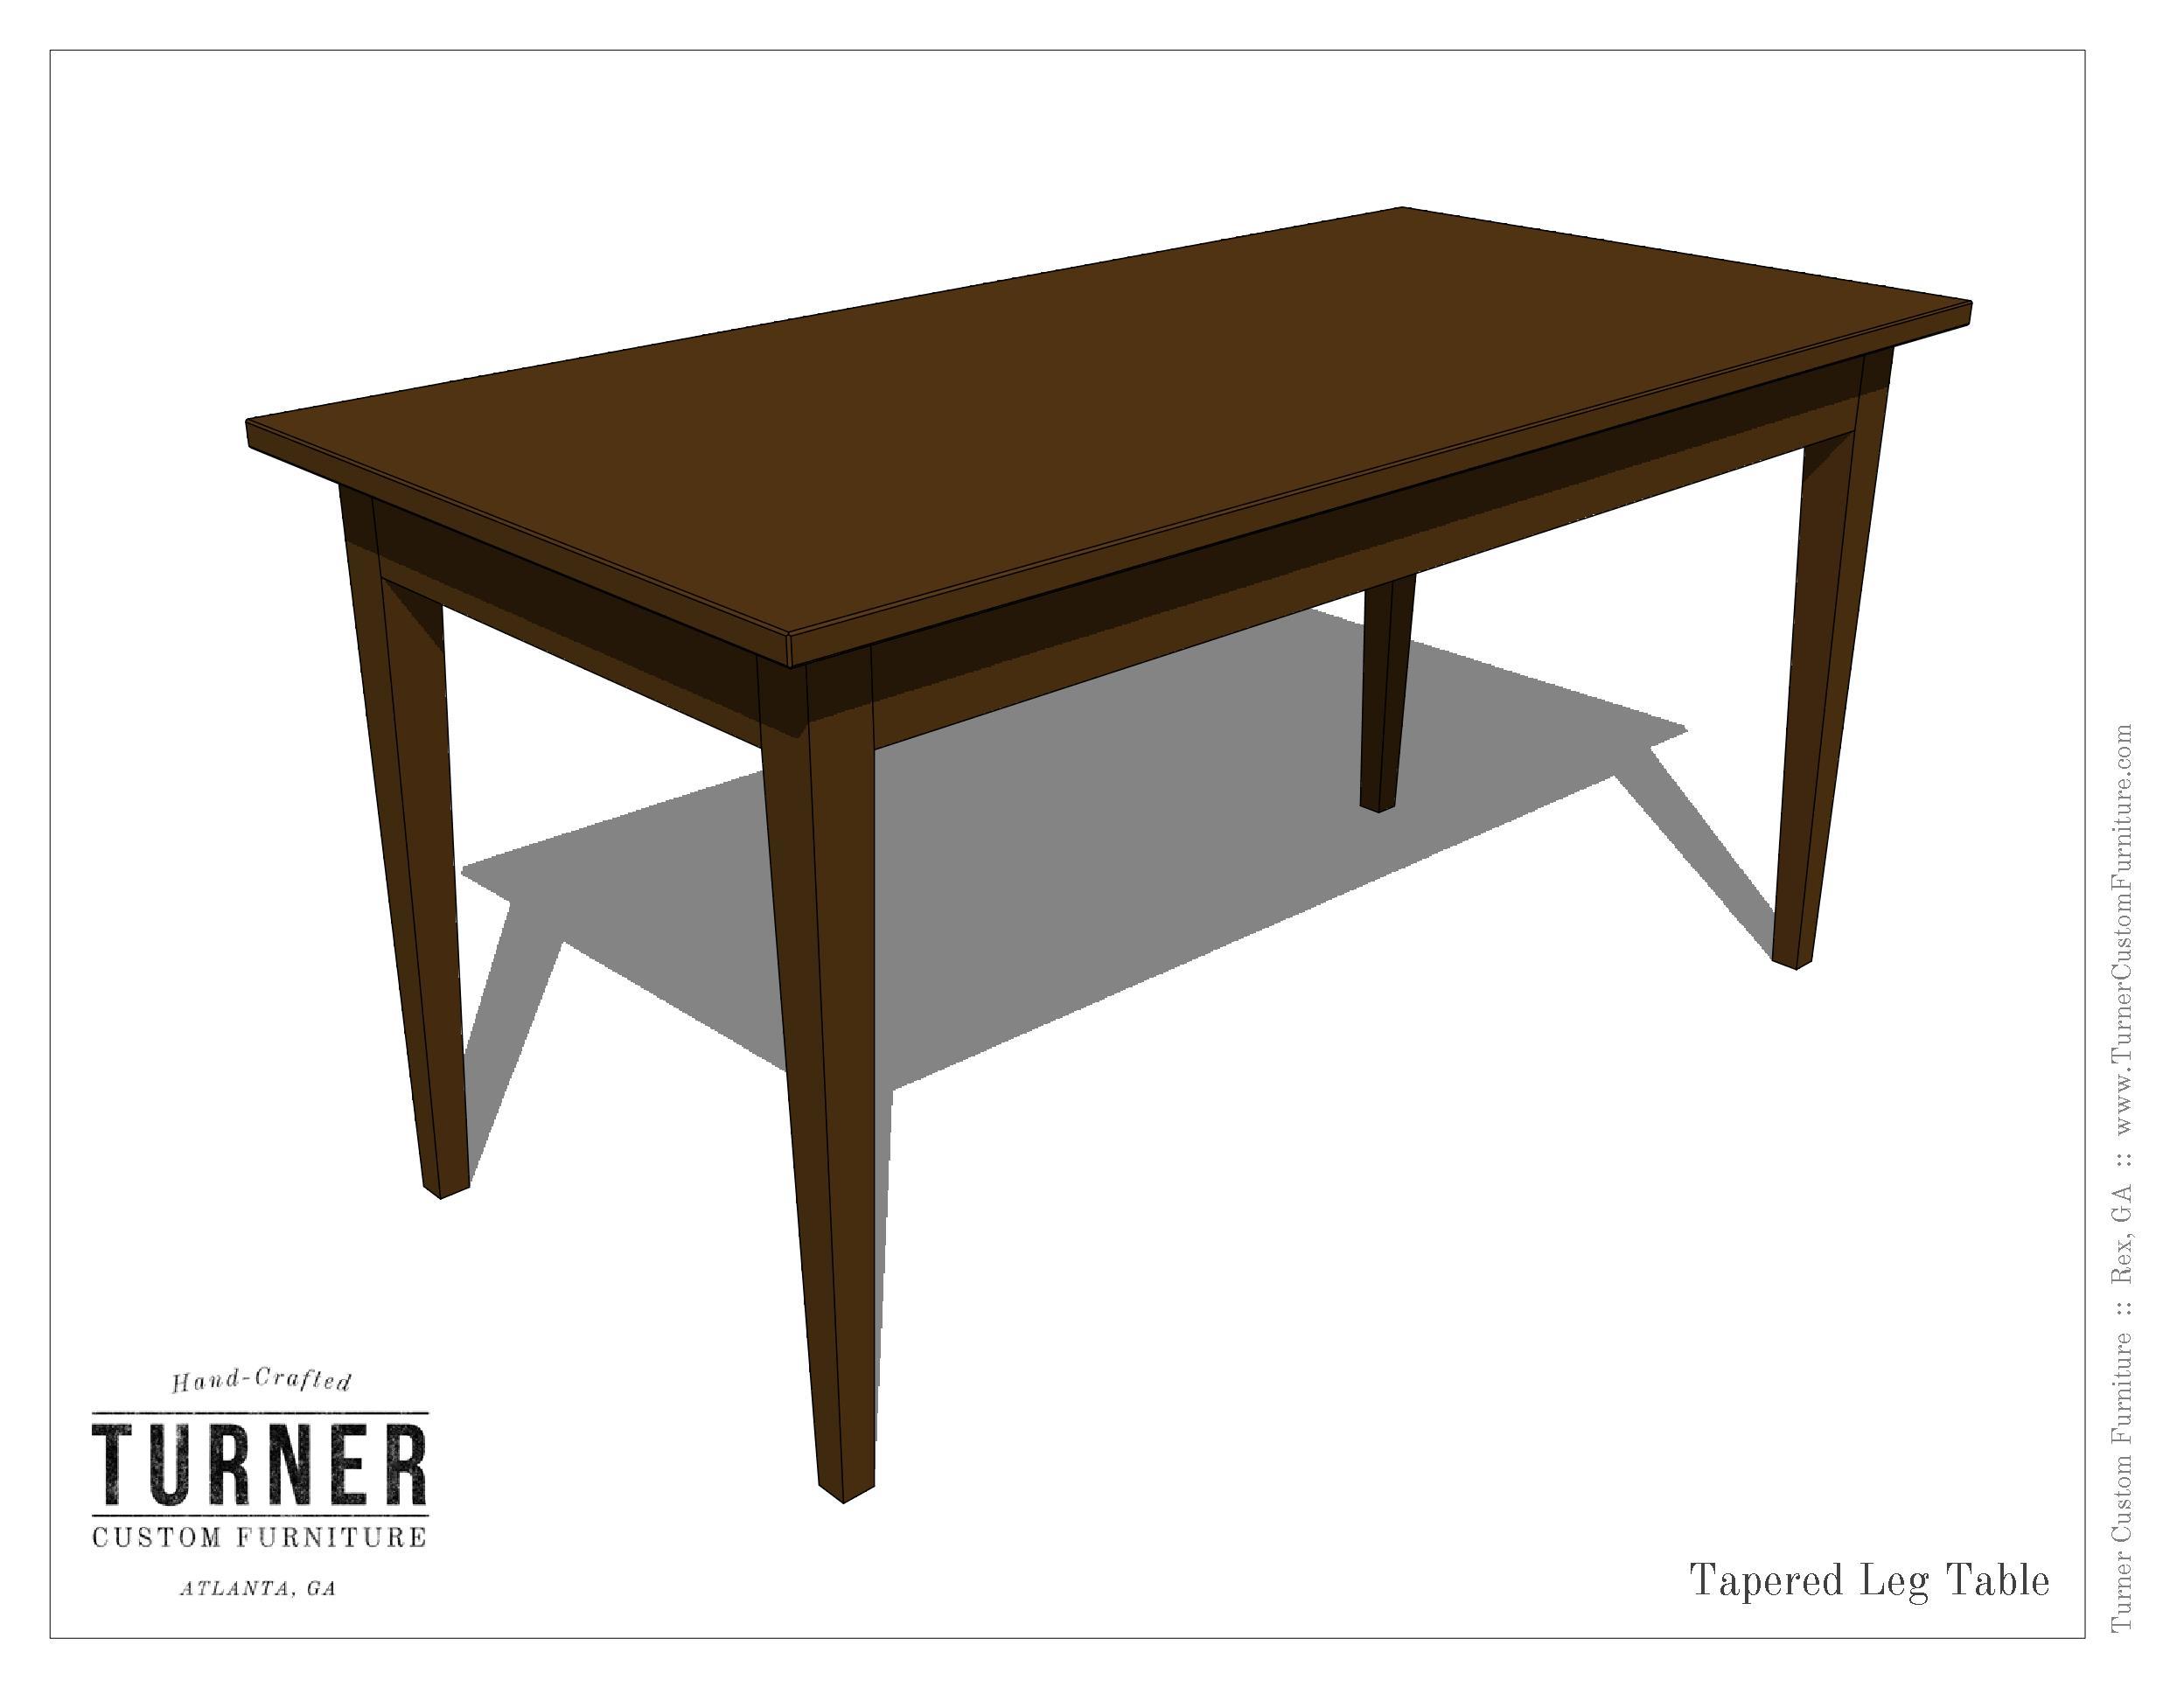 Table Builder_09.jpg